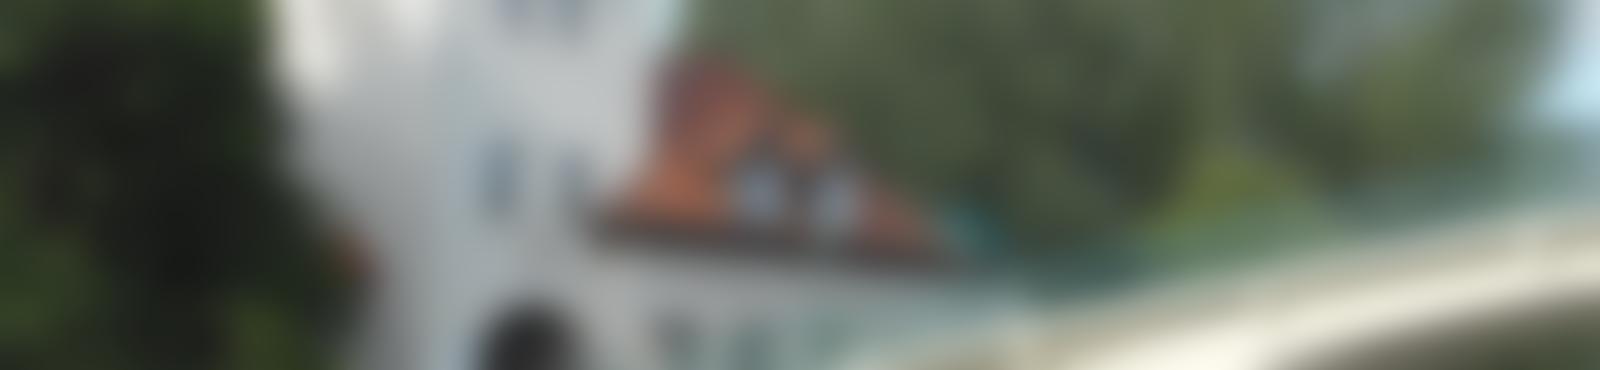 Blurred 4626758d 7de7 4786 9d4b 9eafe1a59911